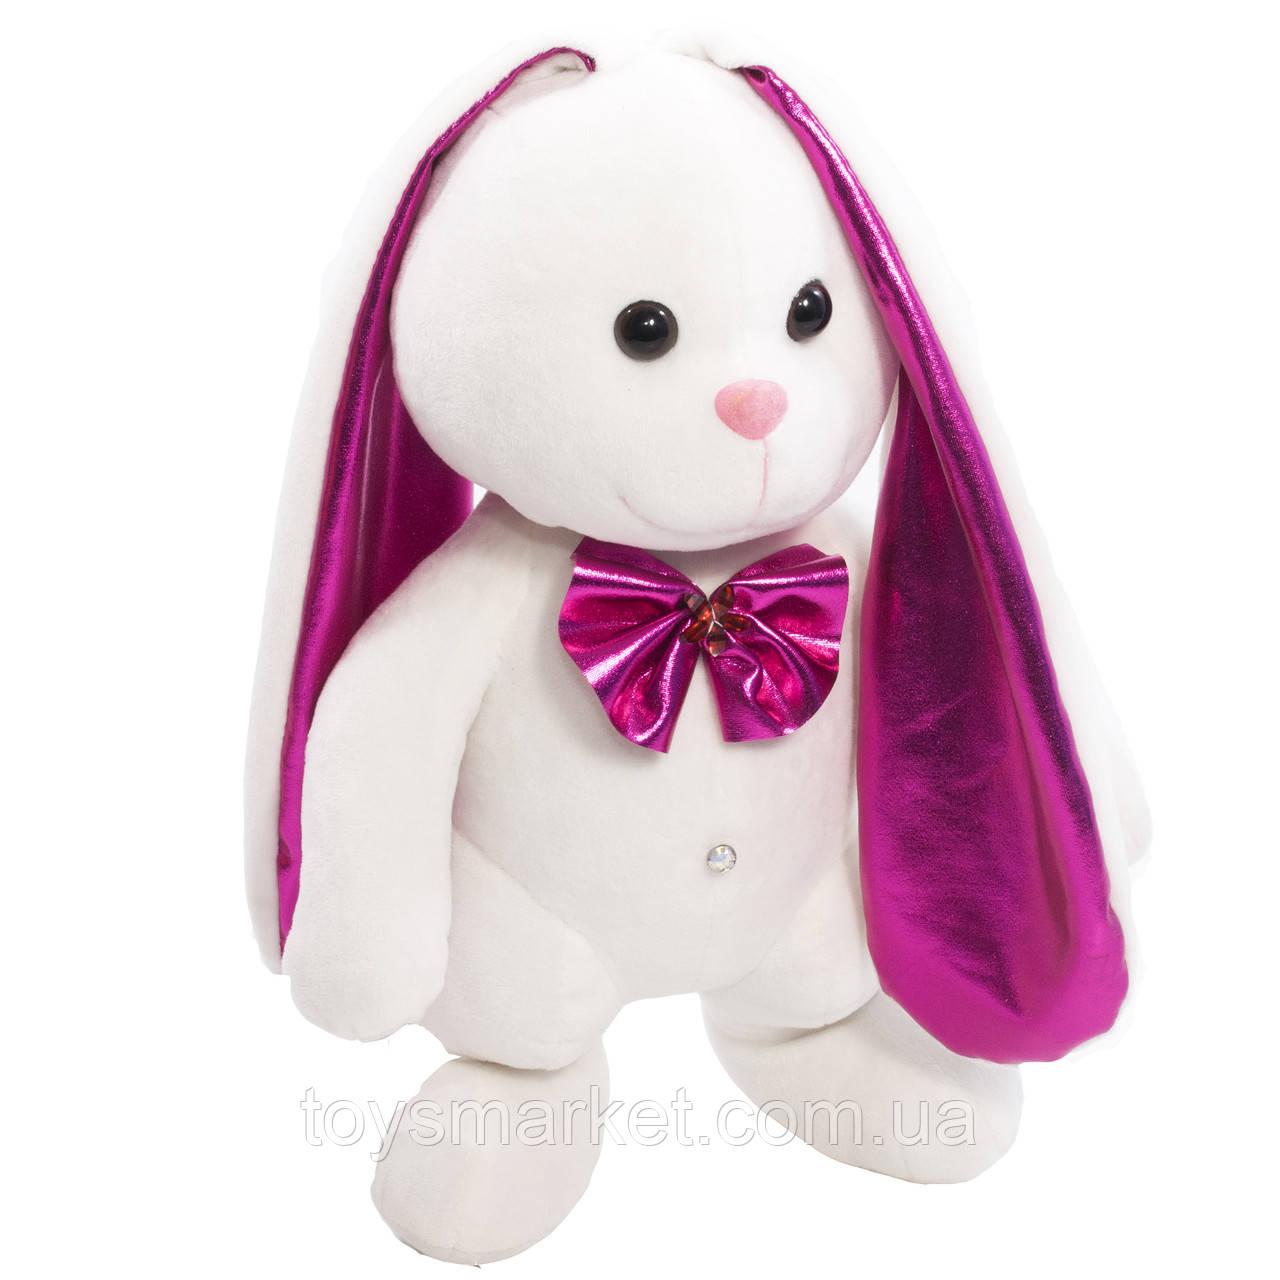 Мягкая игрушка Зайка Мупси с переливающимися ушками